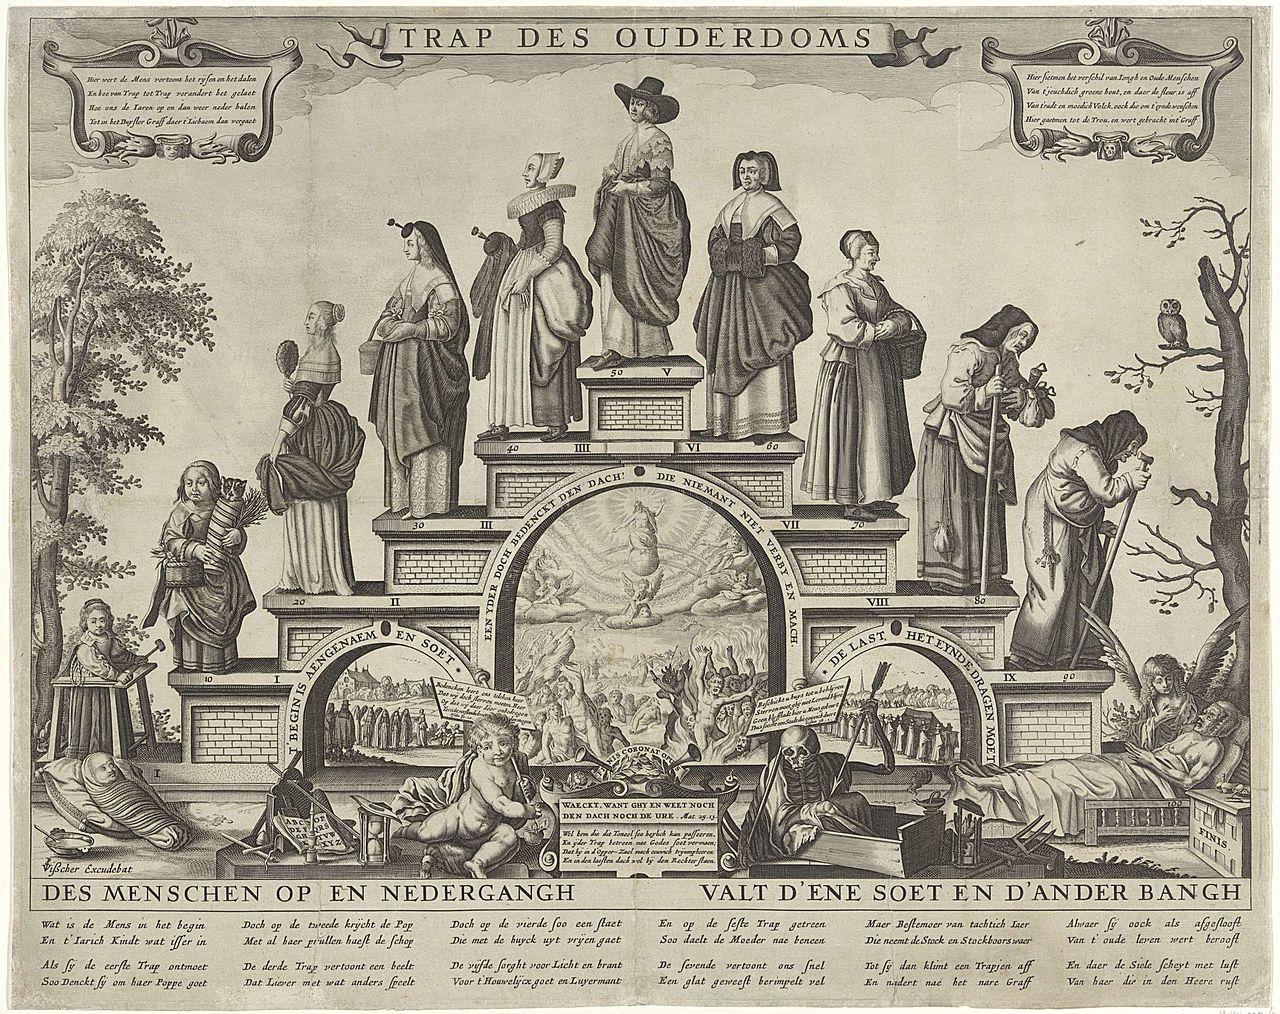 Escalier de la vieillesse feminin(Trap des ouderdoms) 1596 - 1652, Claes Jansz. Visscher Rikjsmuseum